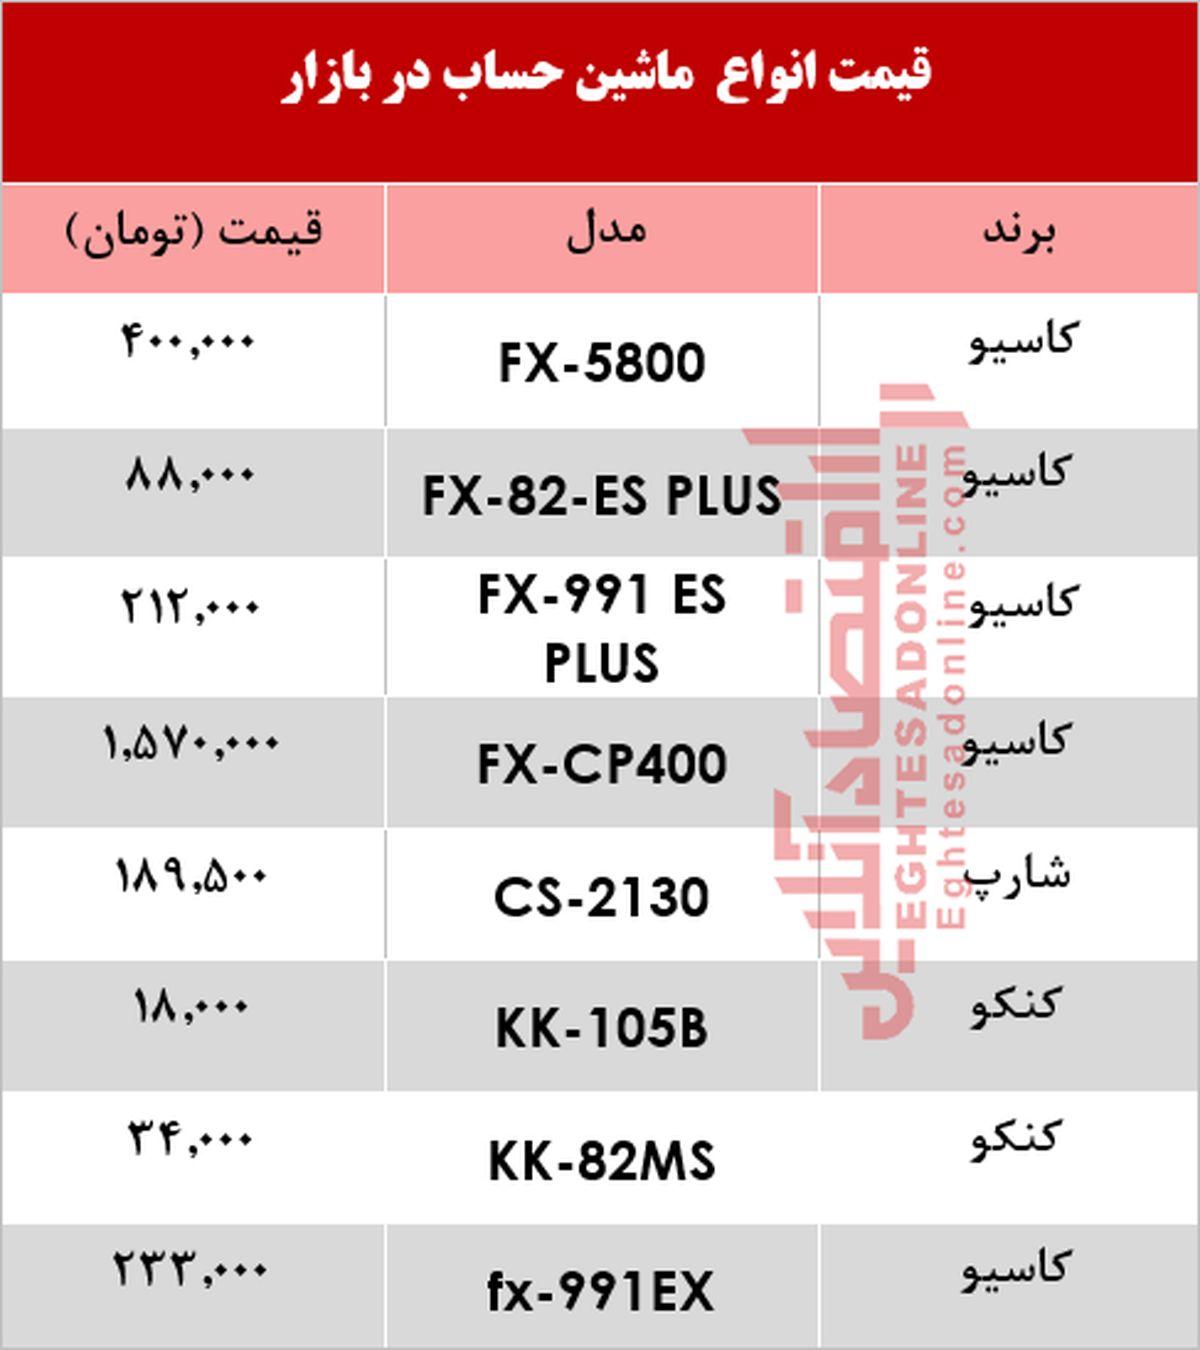 قیمت انواع ماشین حساب دربازار+جدول